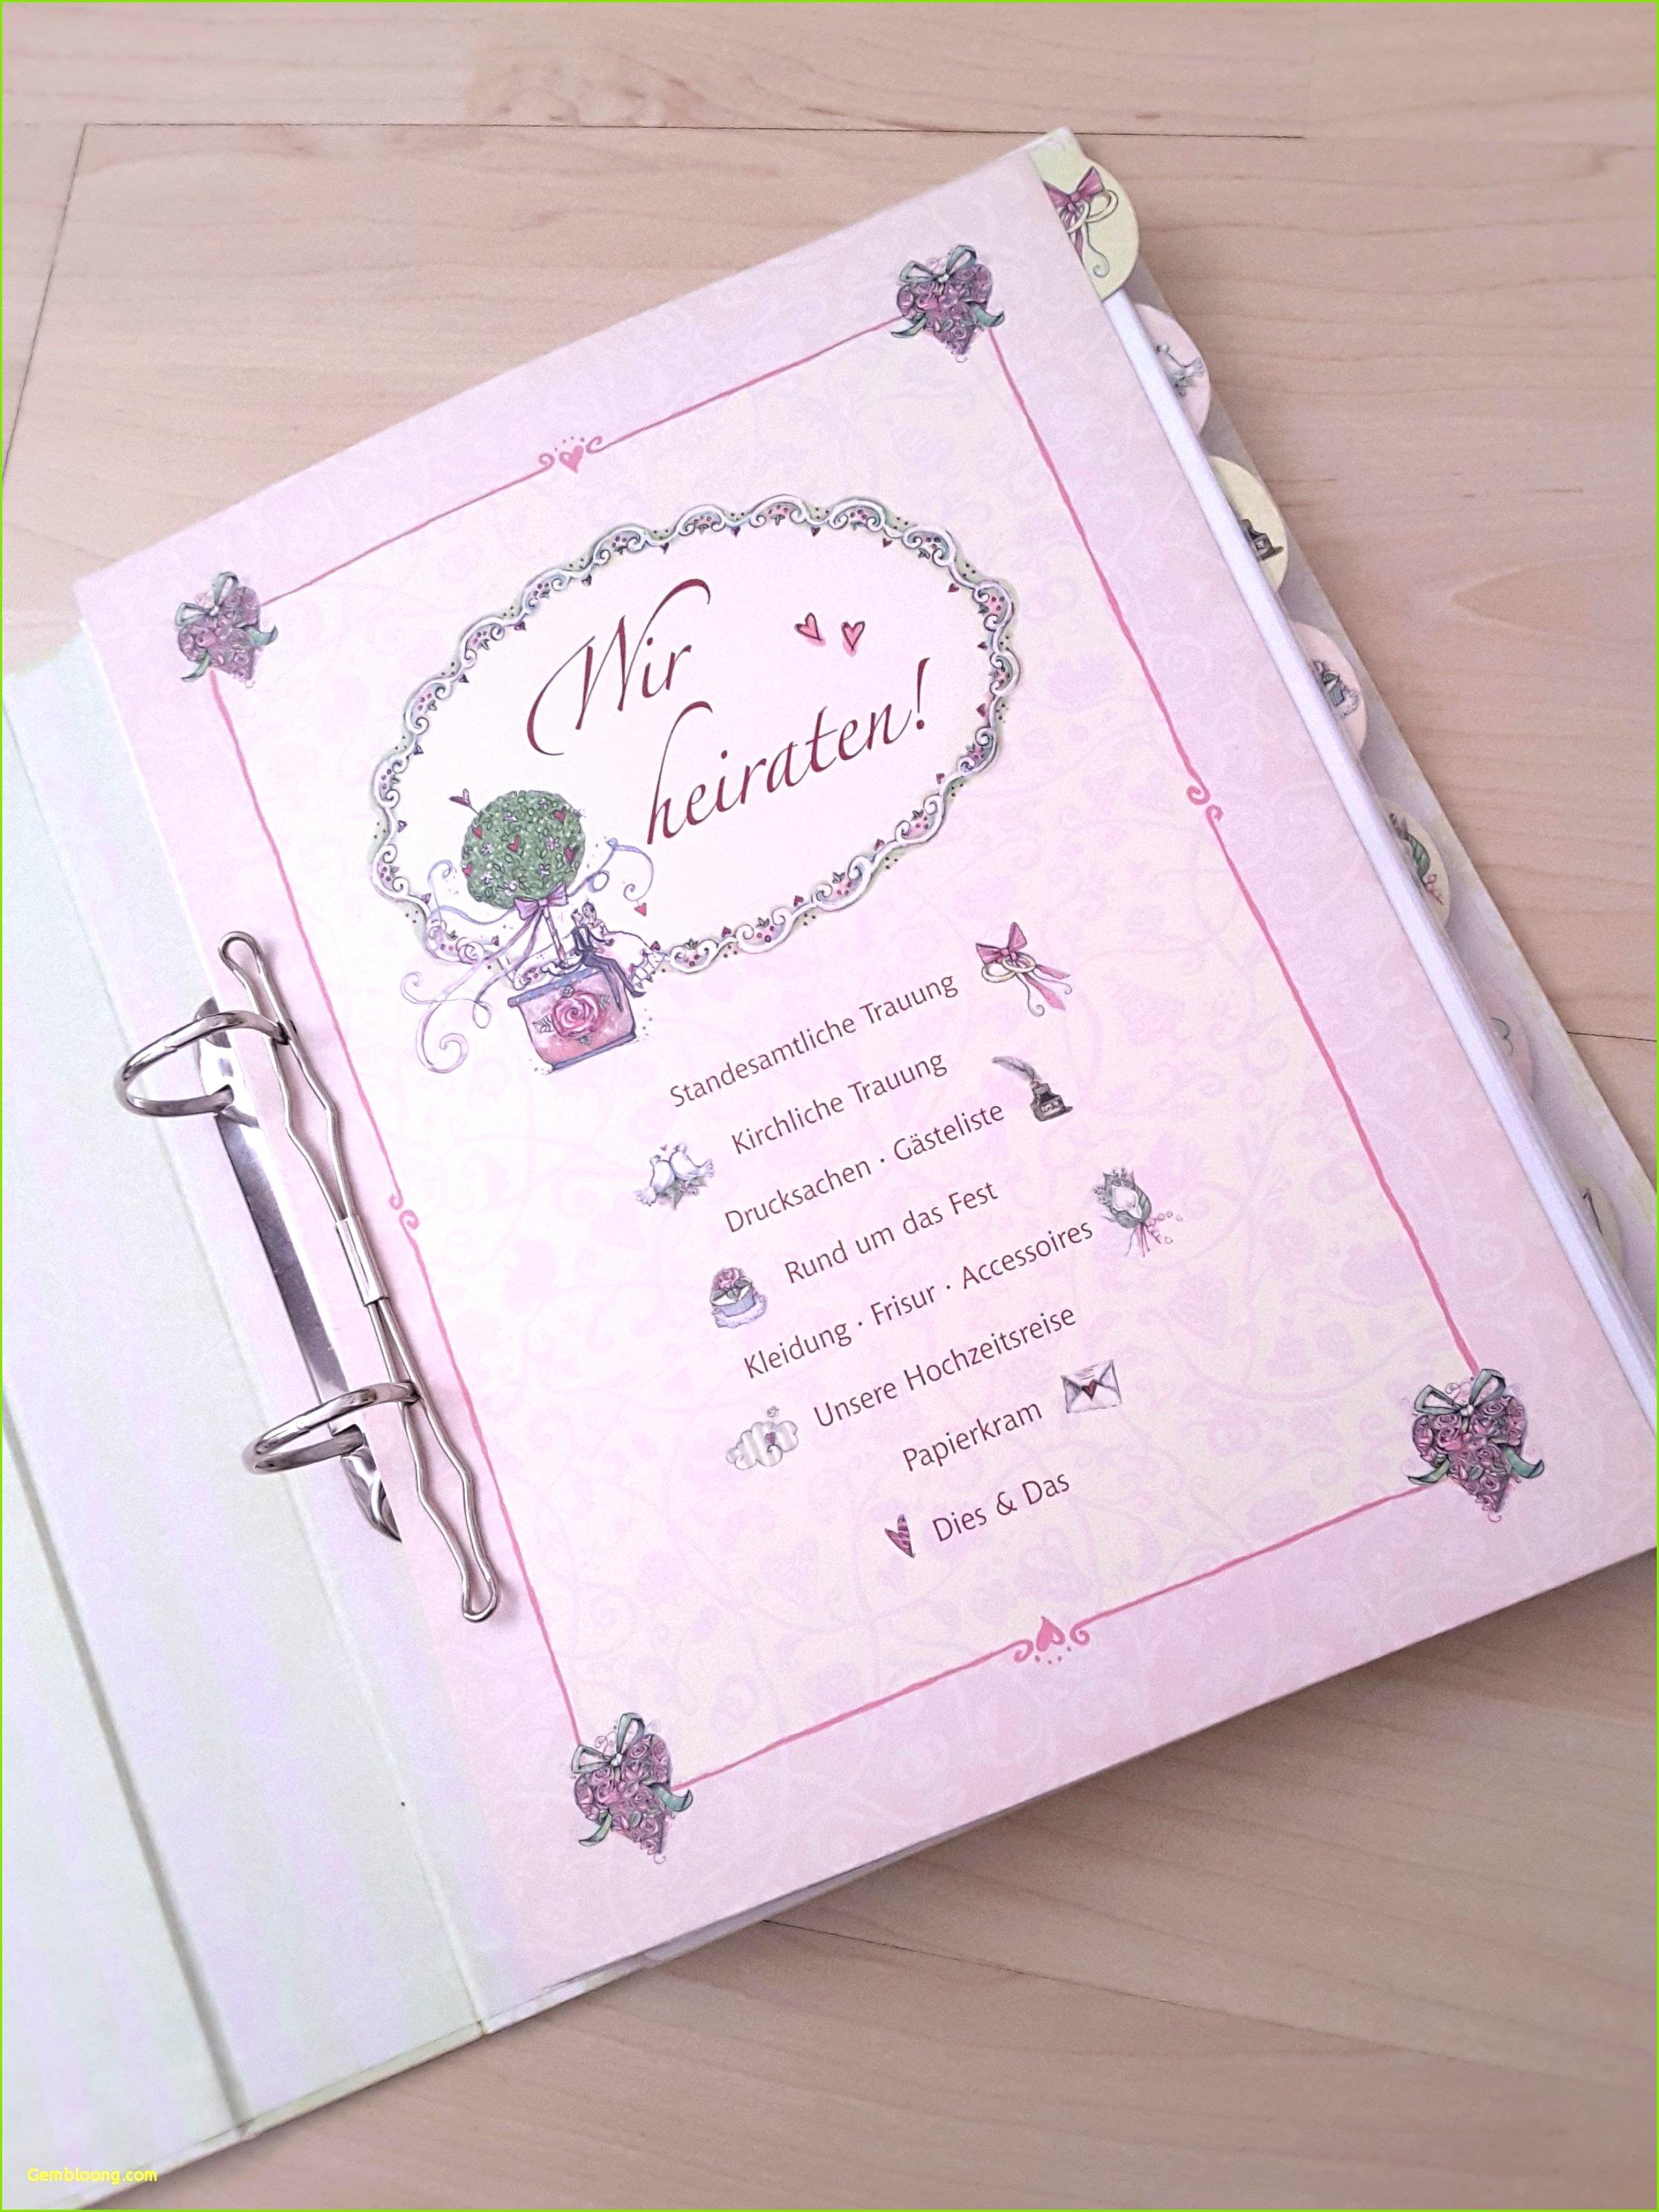 Einladung Hochzeit Vorlage Word Einladungskarte Gestalten Kostenloser Download Media Image 0d 59 82